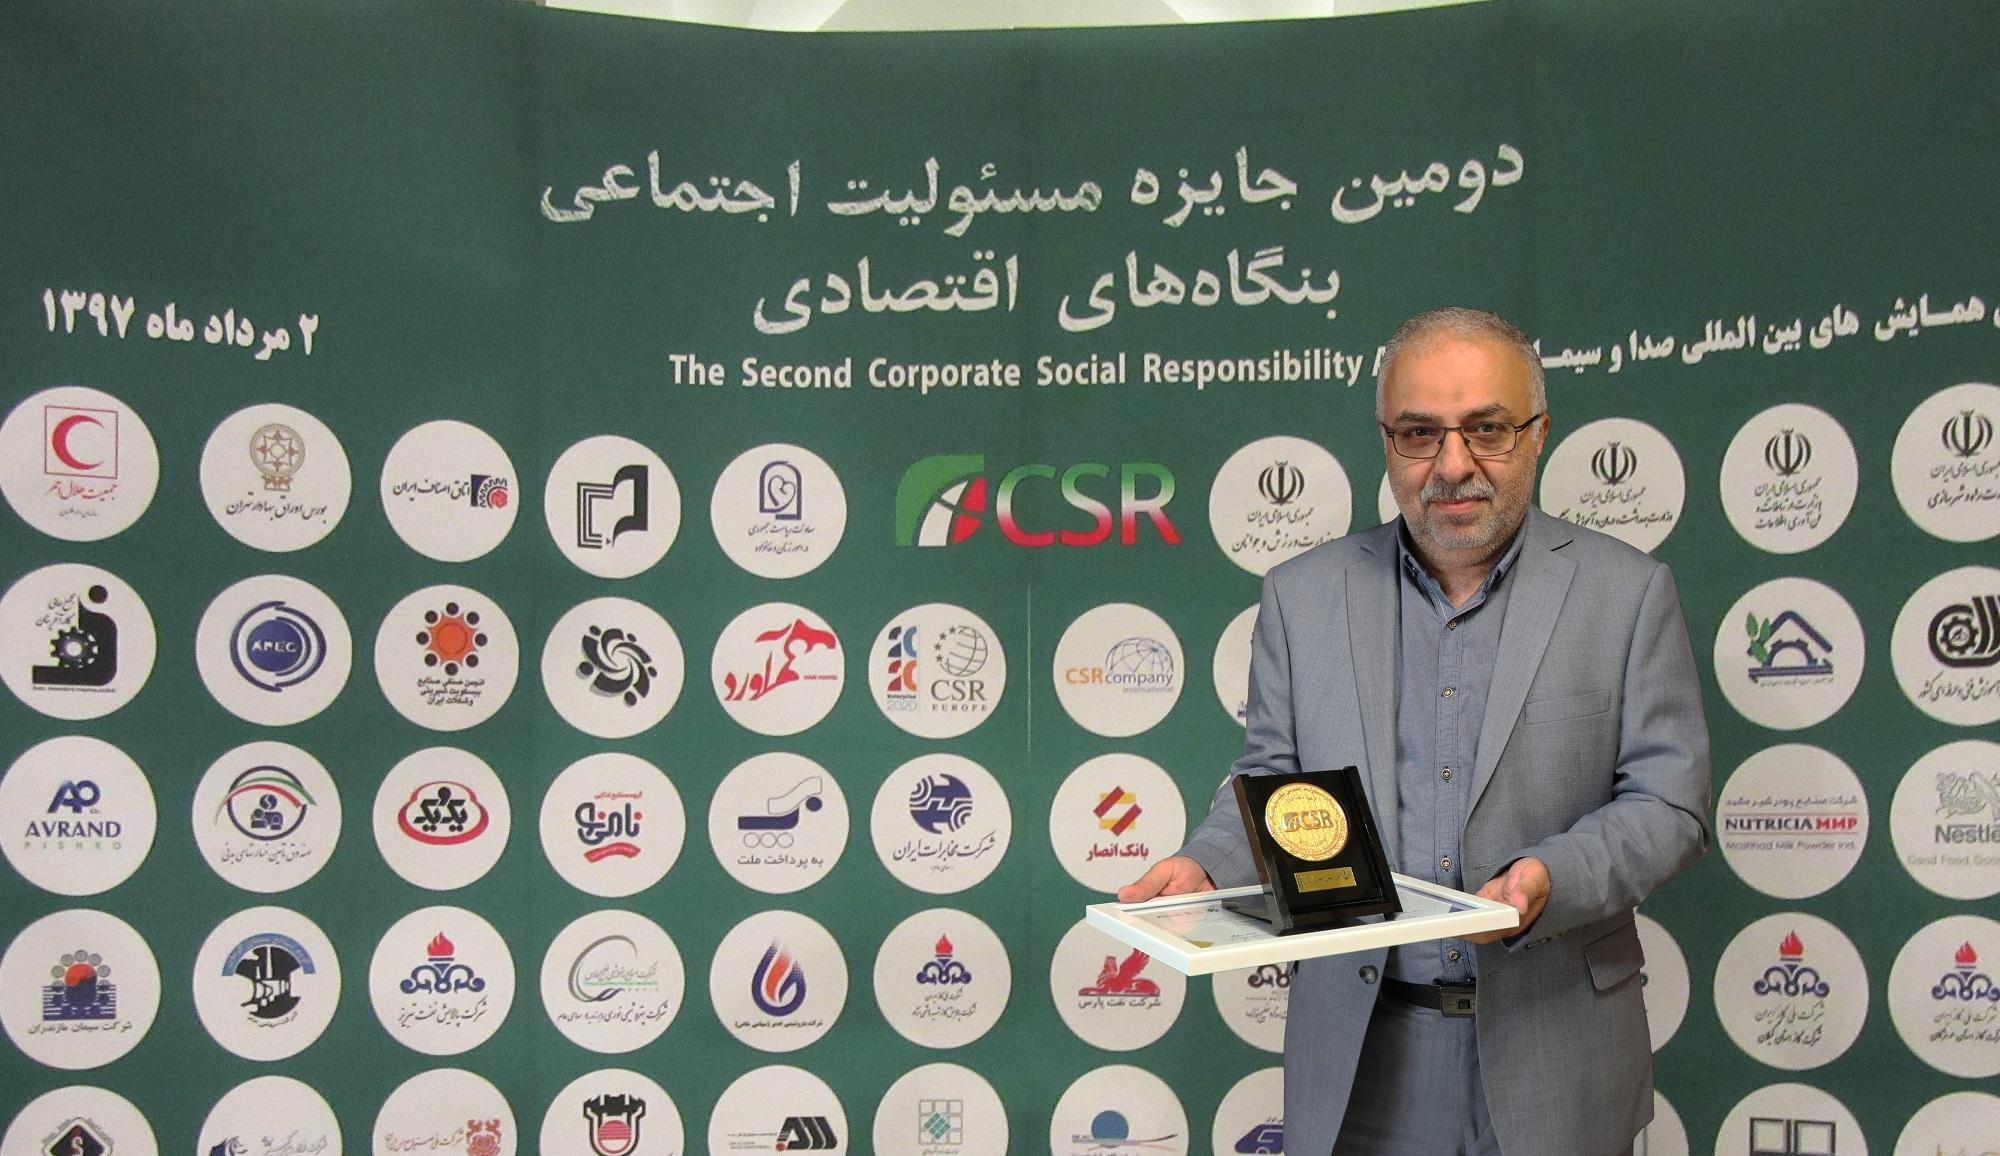 کسب نشان زرین مسئولیت اجتماعی توسط شرکت گاز استان گیلان